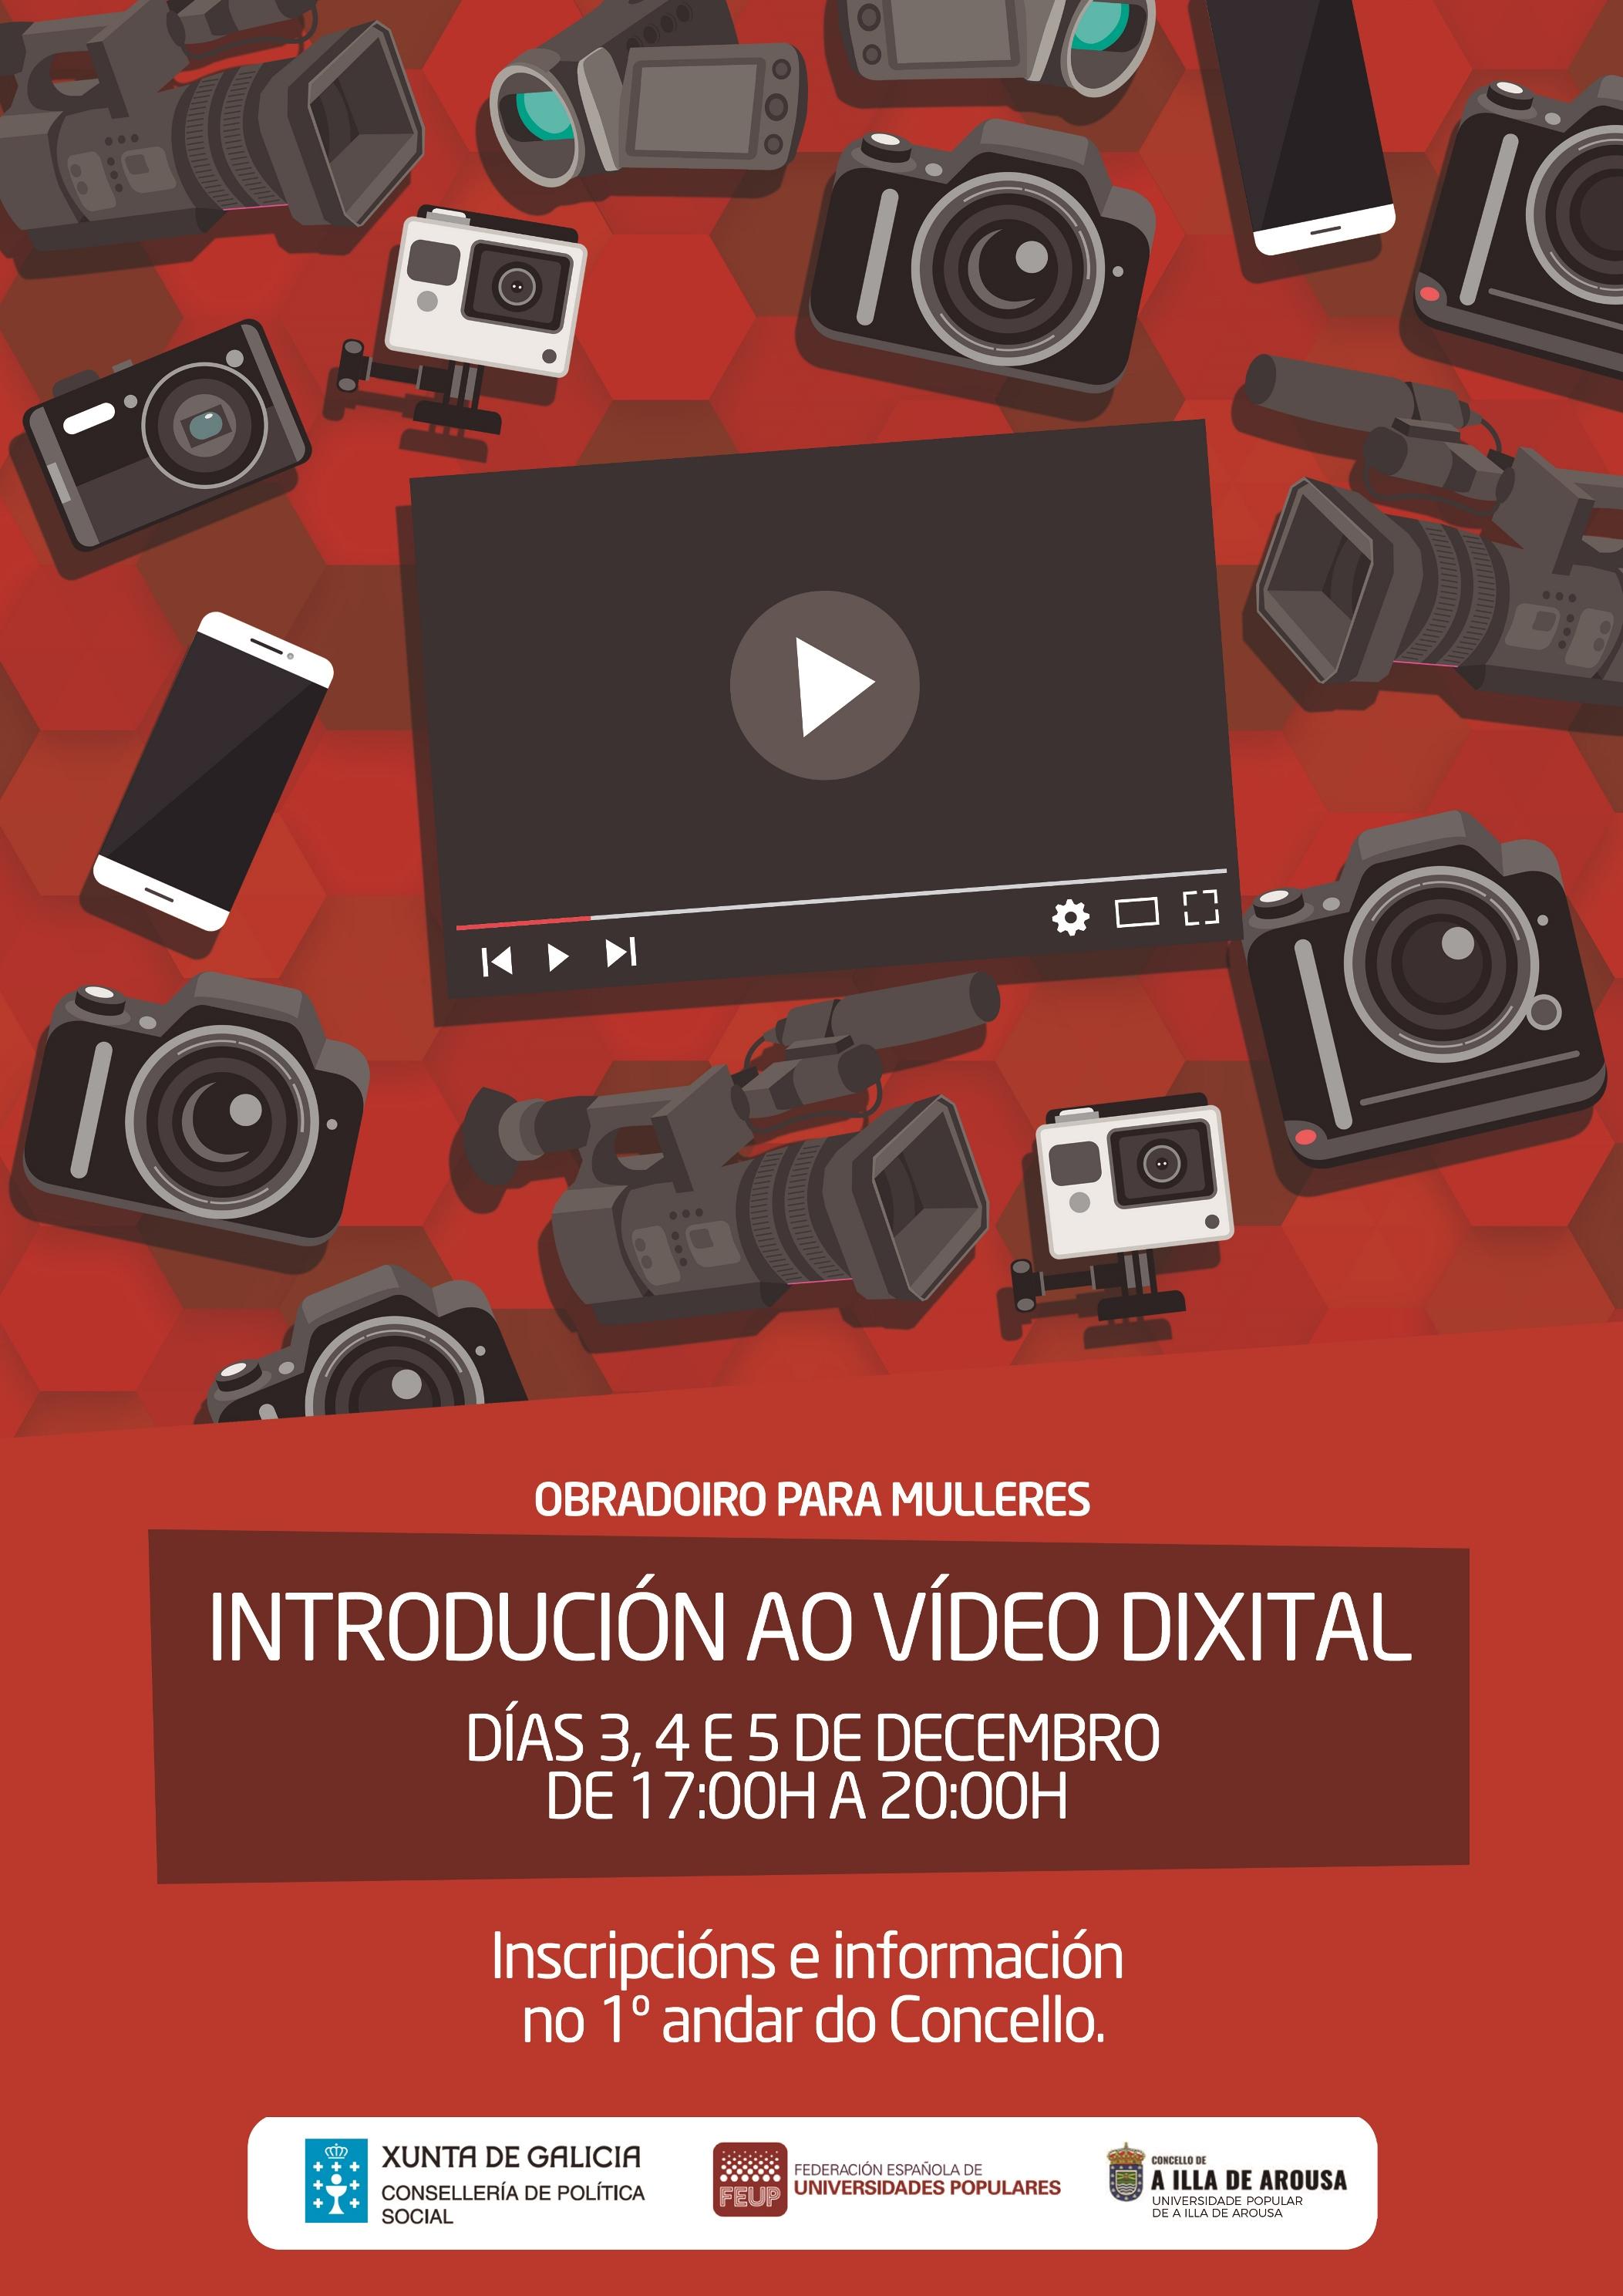 OBRADOIRO PARA MULLERES: INTRODUCCIÓN AO VÍDEO DIXITAL